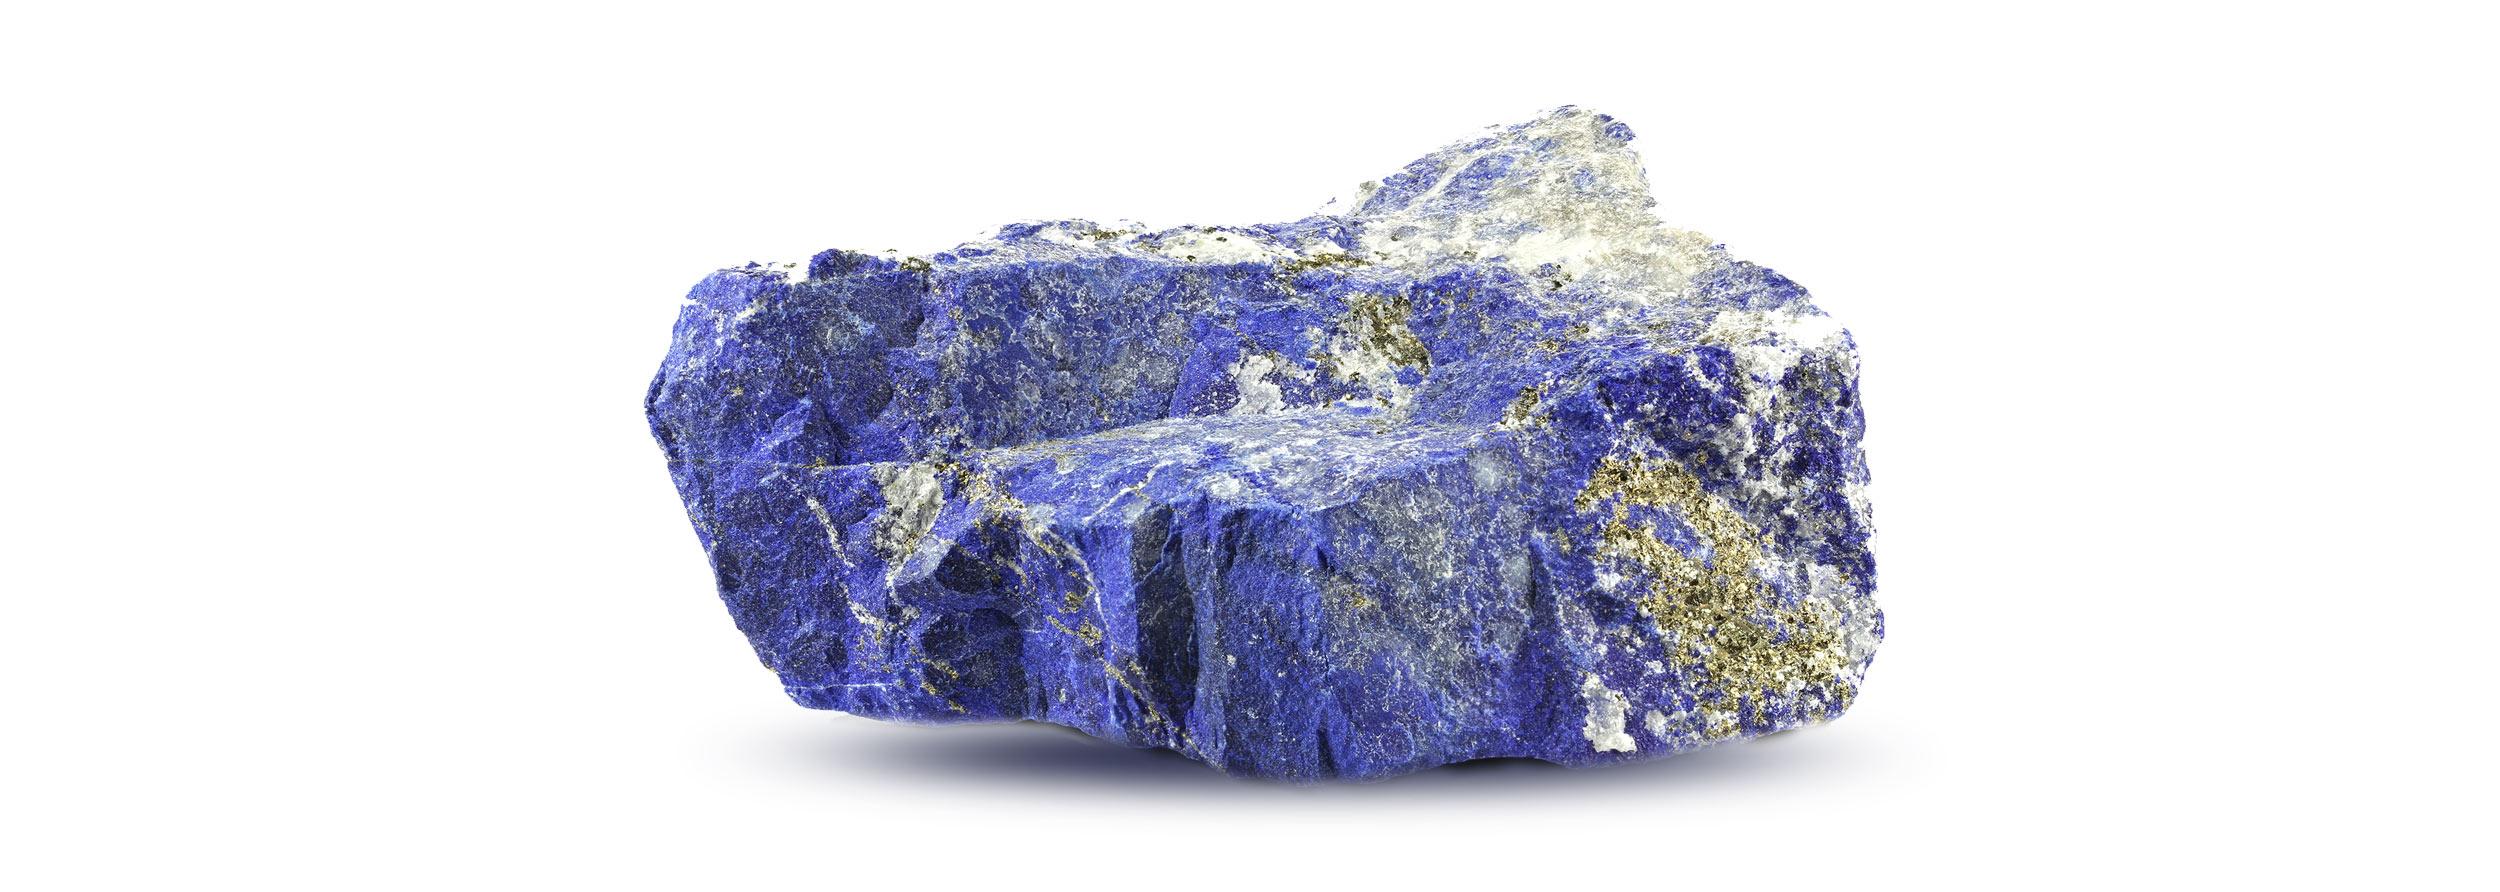 Lapis Lazuli - Exclusively Custom-Made Bracelets |